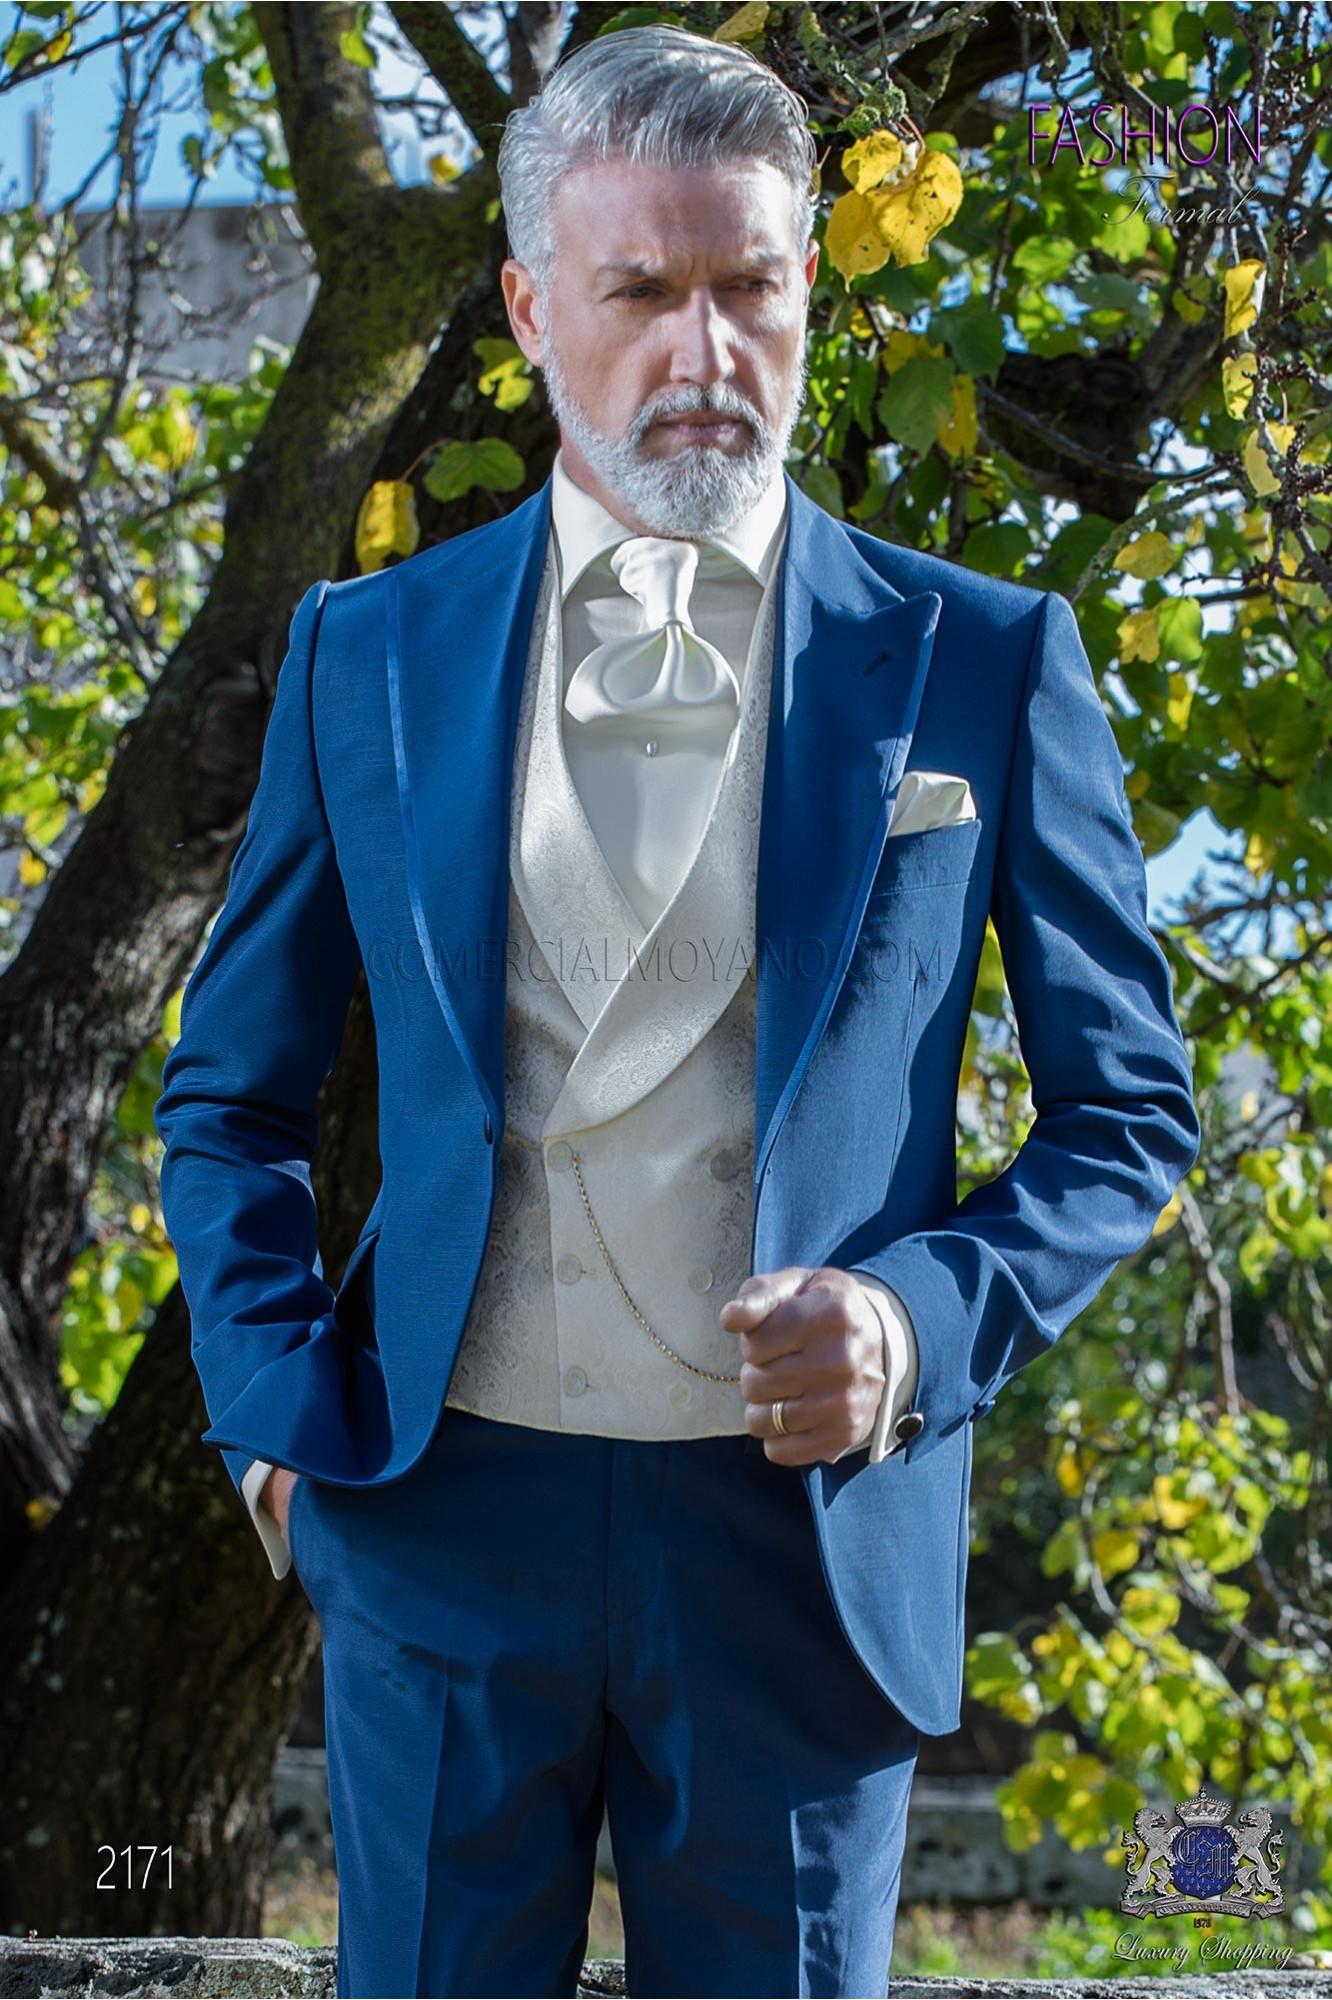 Mariage De Contrasté Costume Bleu Satin Électrique Avec En TlFcK1J